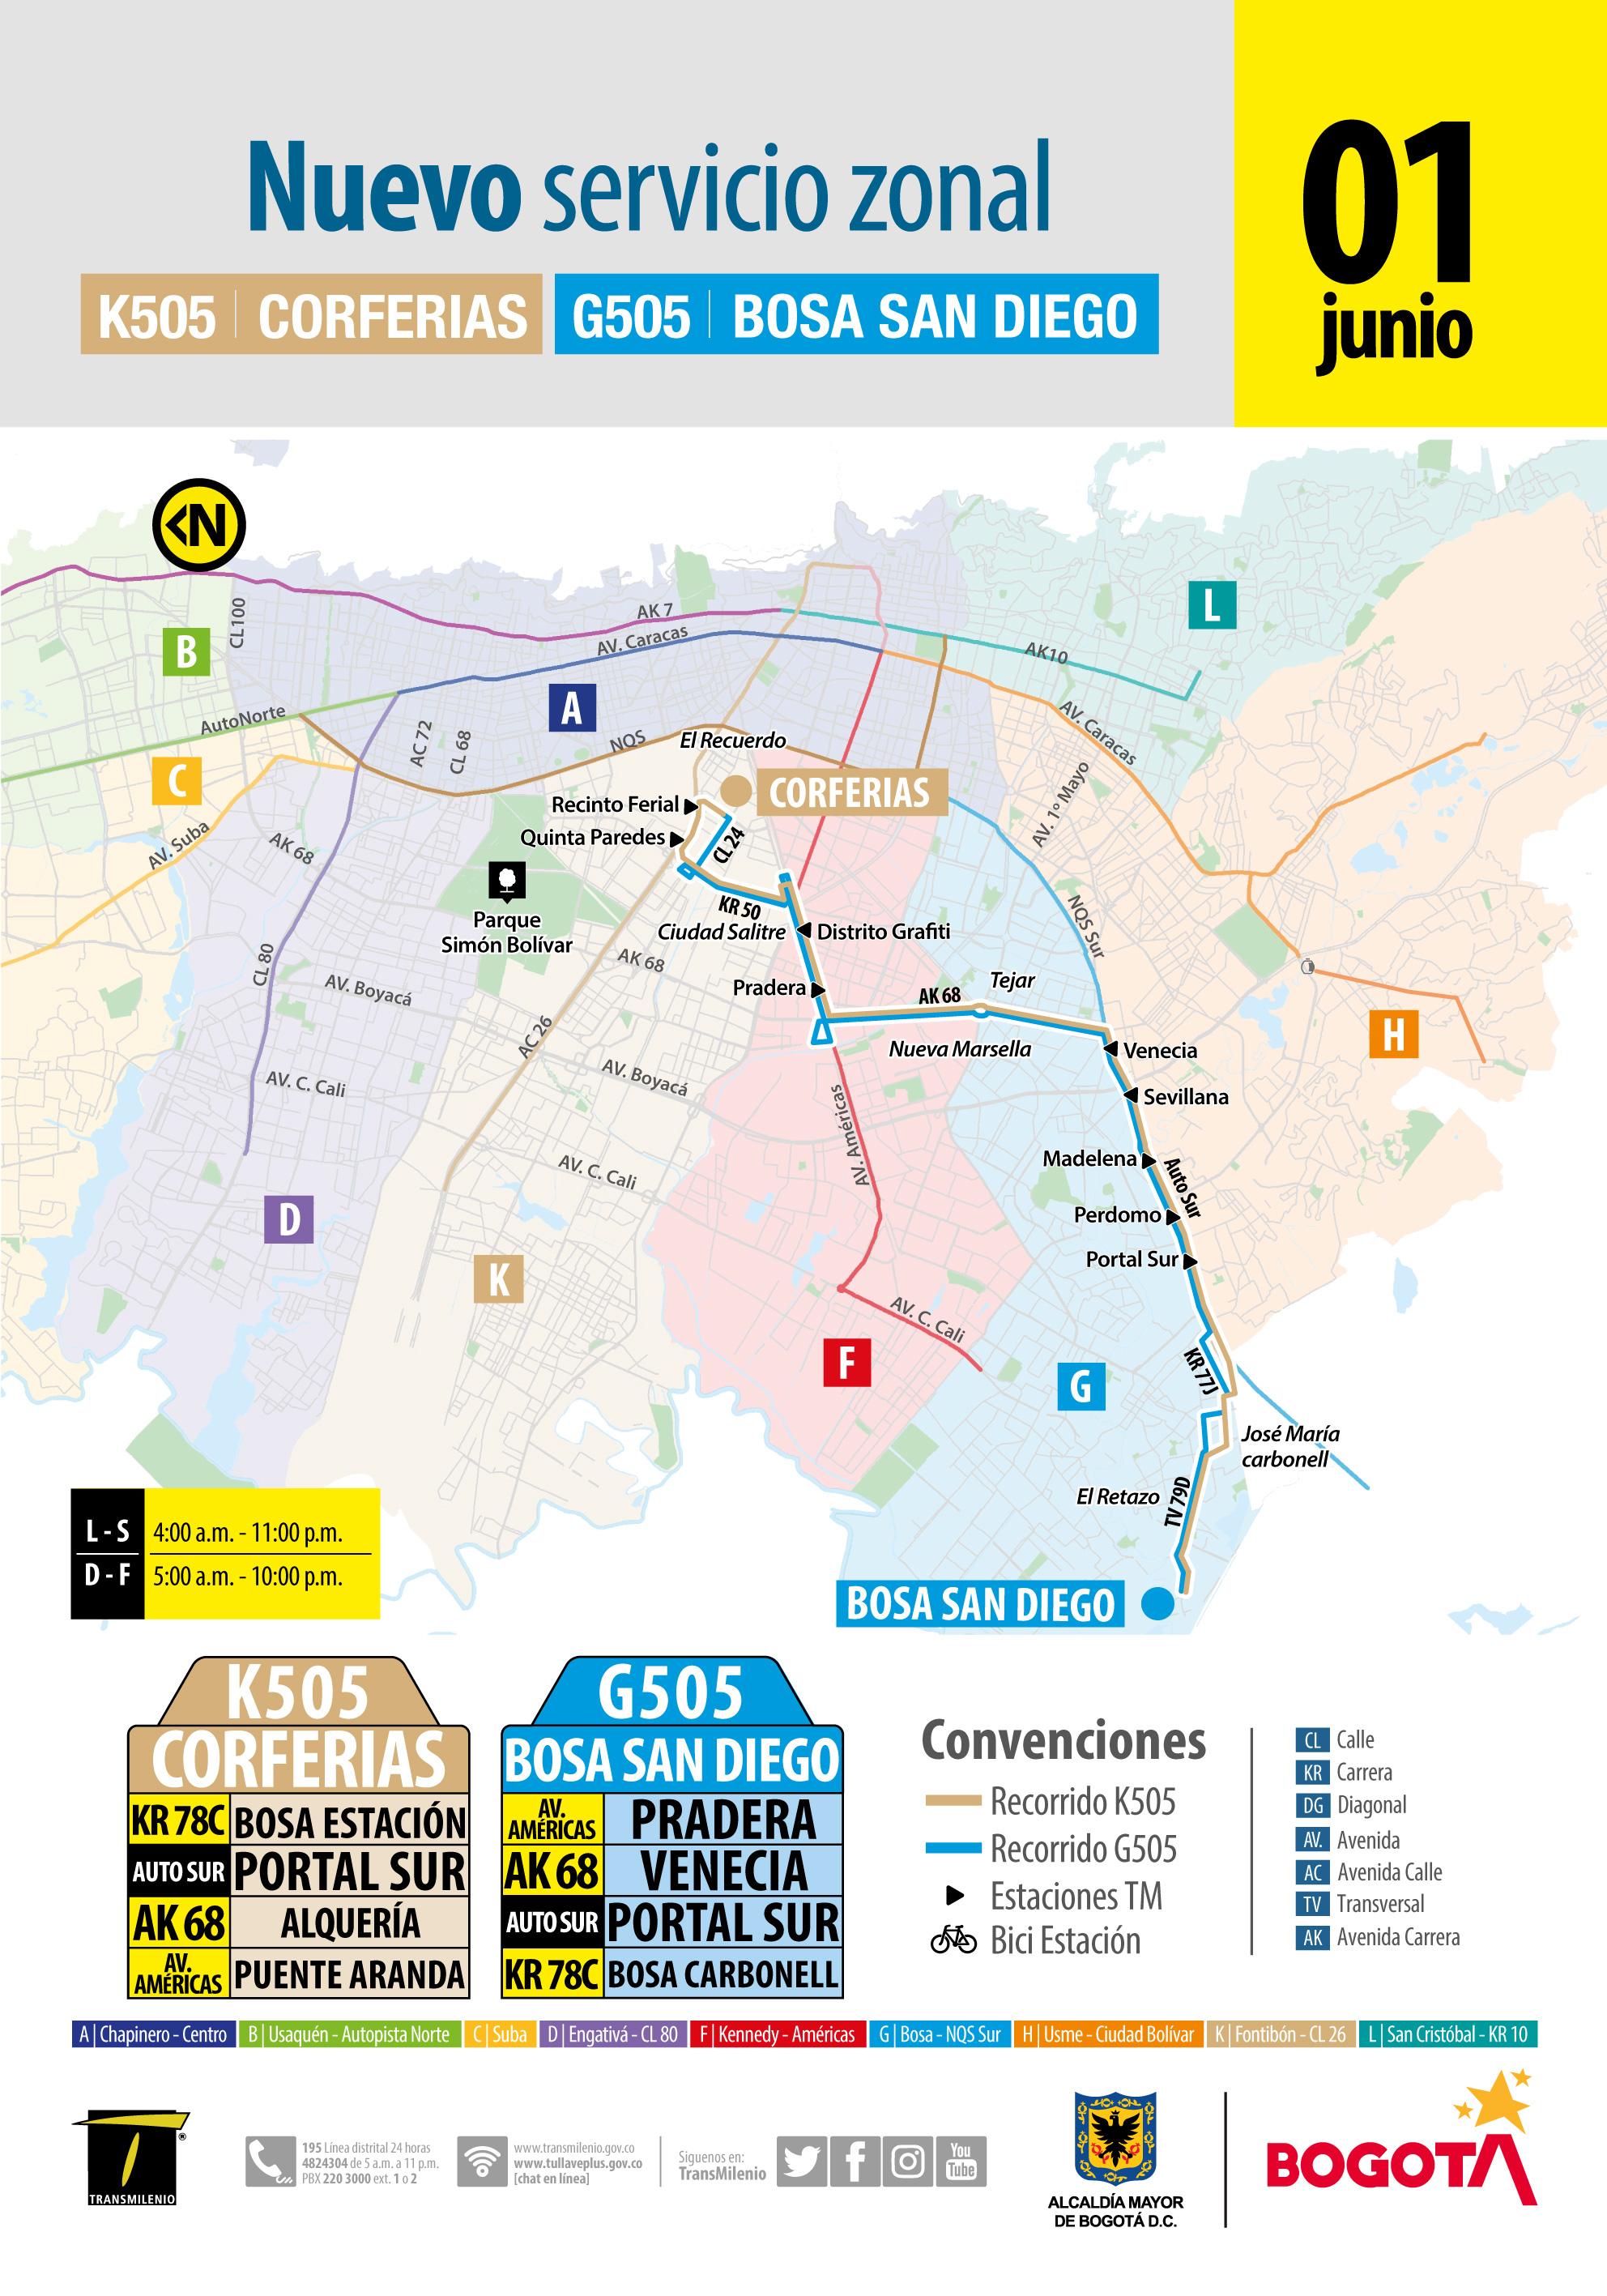 Mapa de la ruta K505 - G505